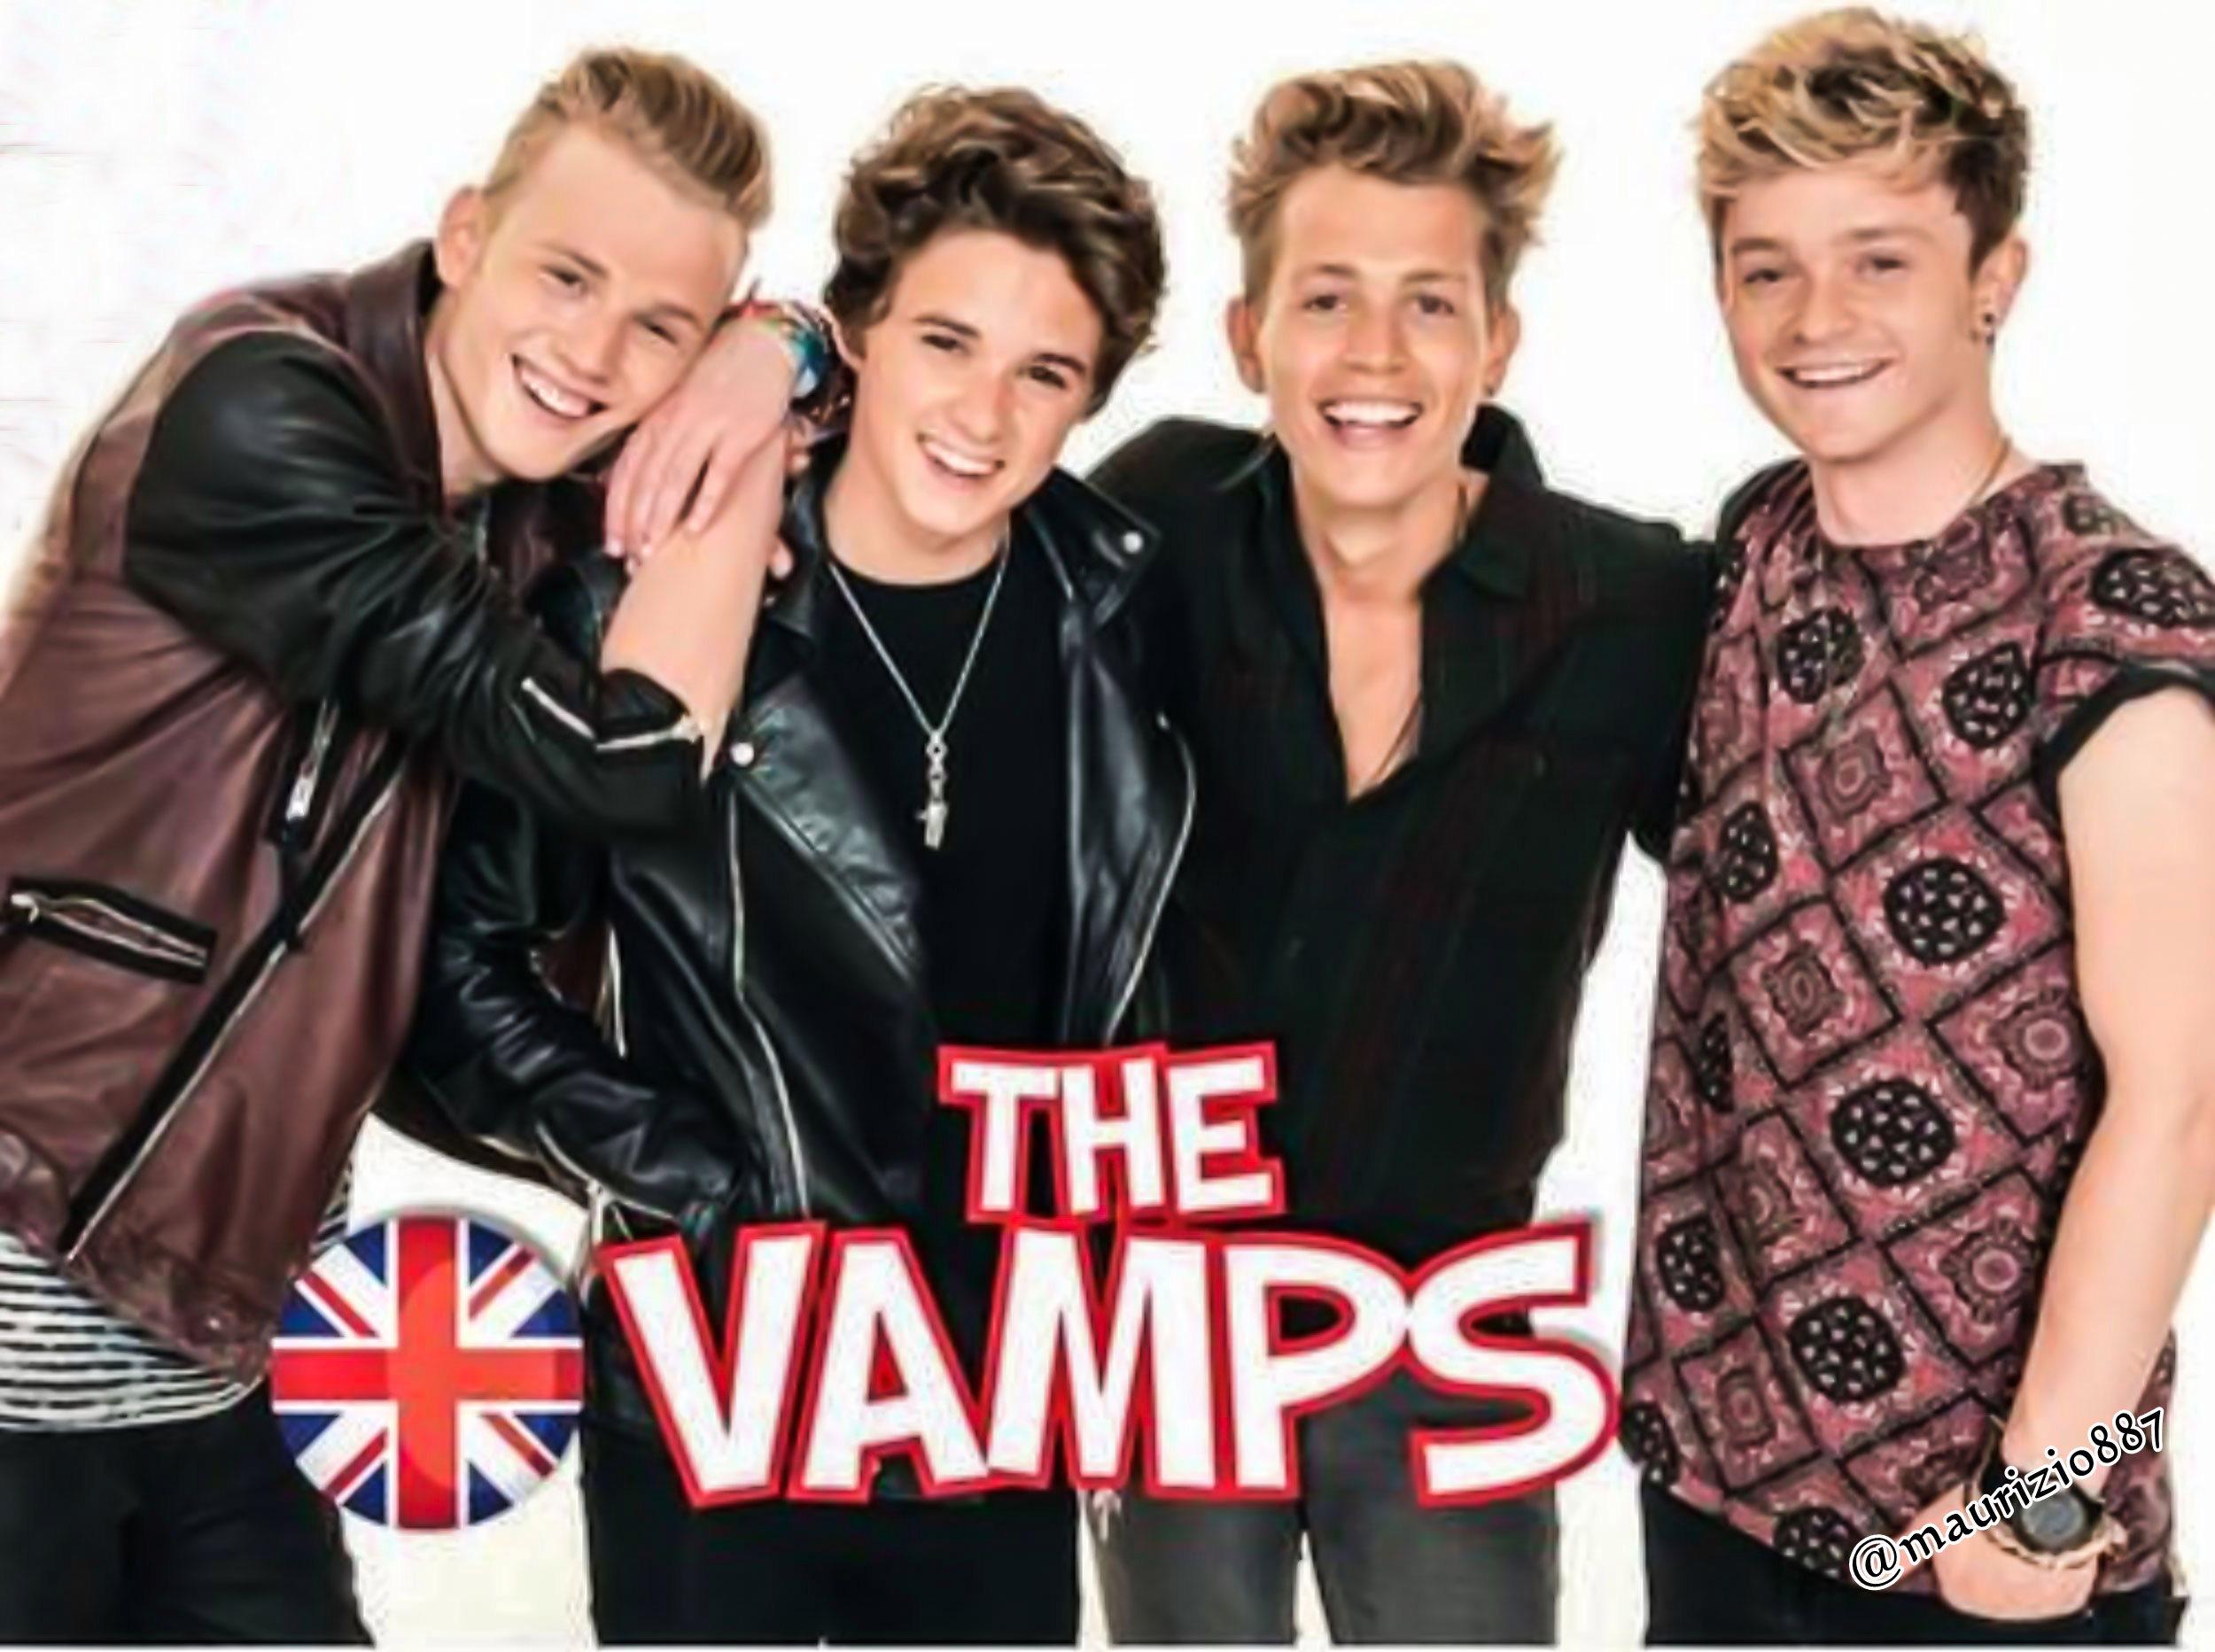 The vamps группа фото